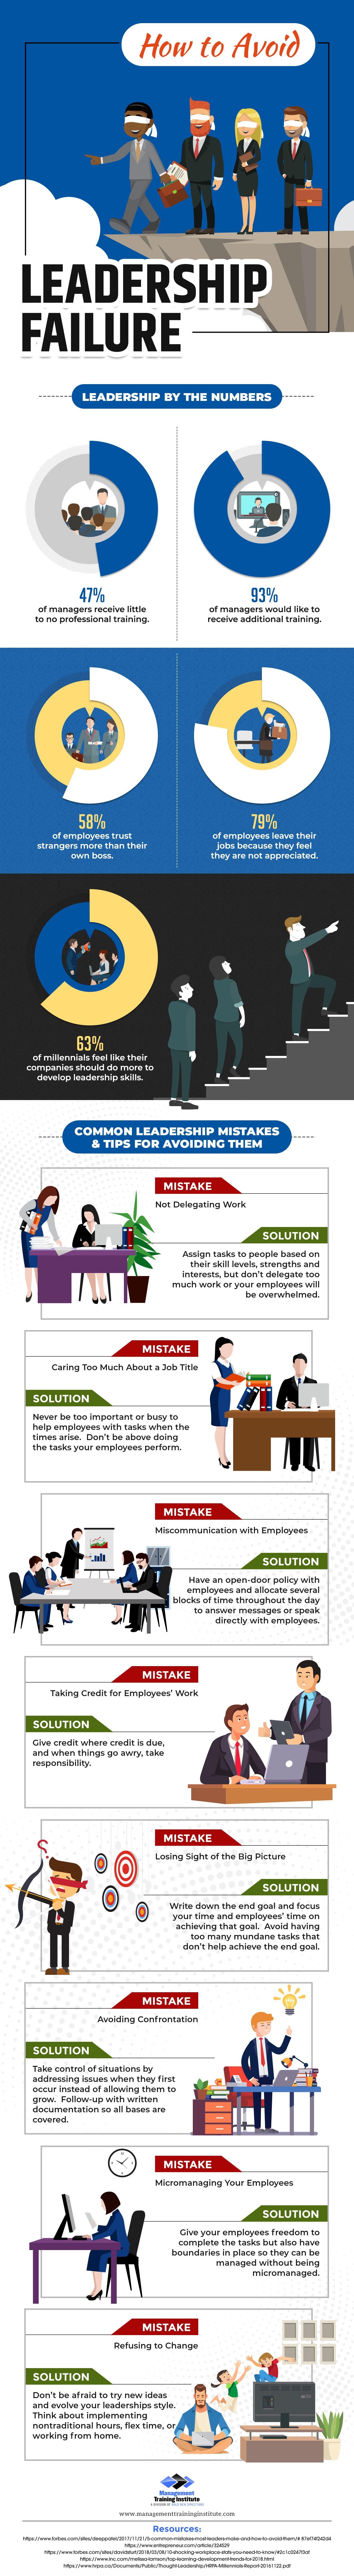 How to Avoid Leadership Failure